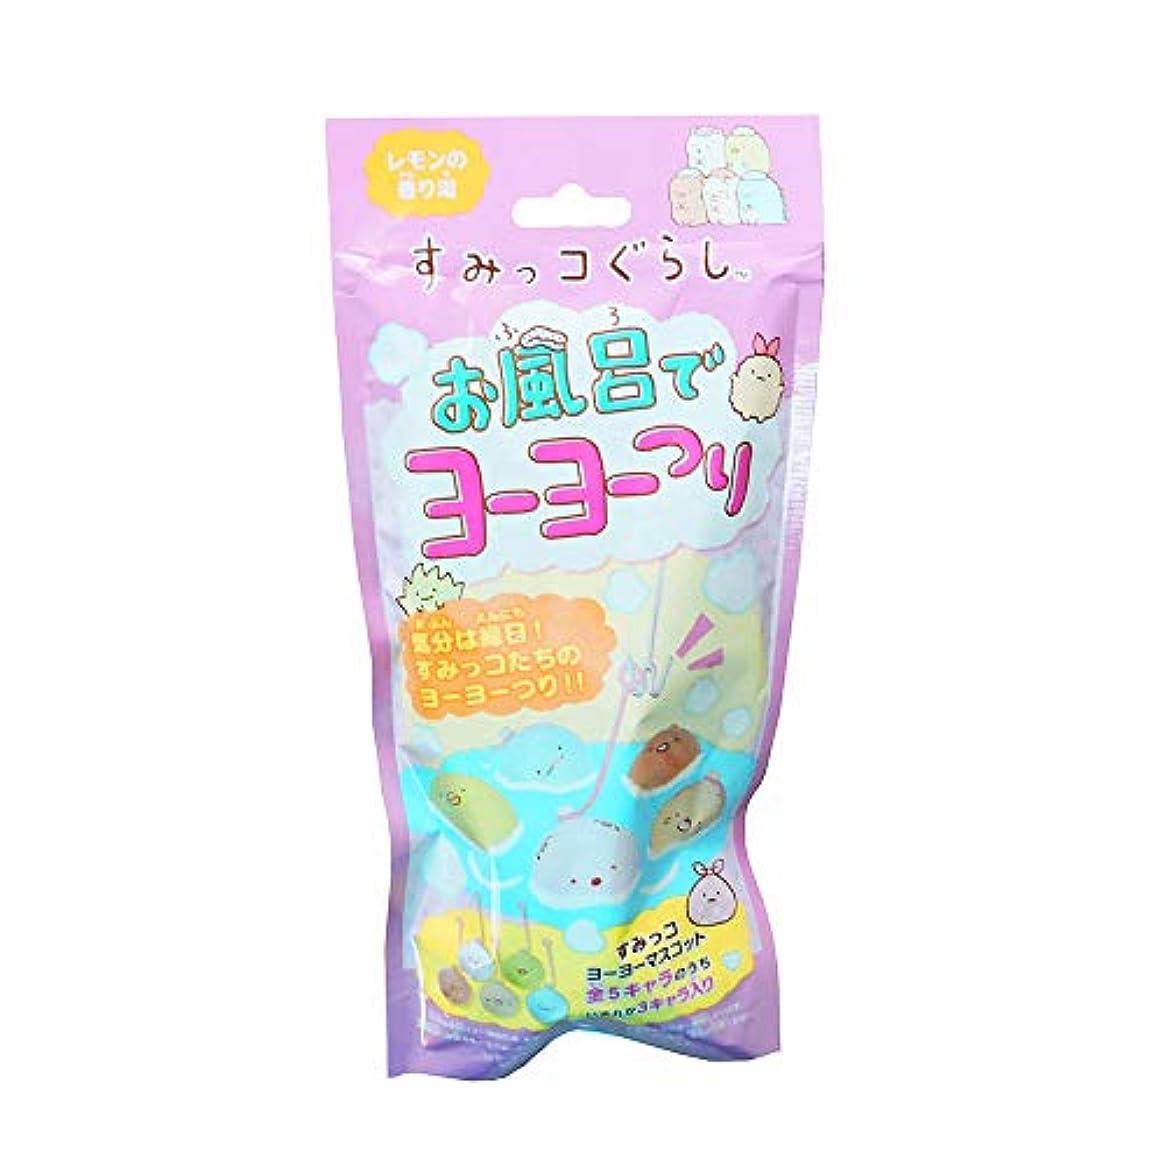 窓を洗う然とした小川すみっコぐらし お風呂でヨーヨーつり レモンの香り湯 25g(1包)